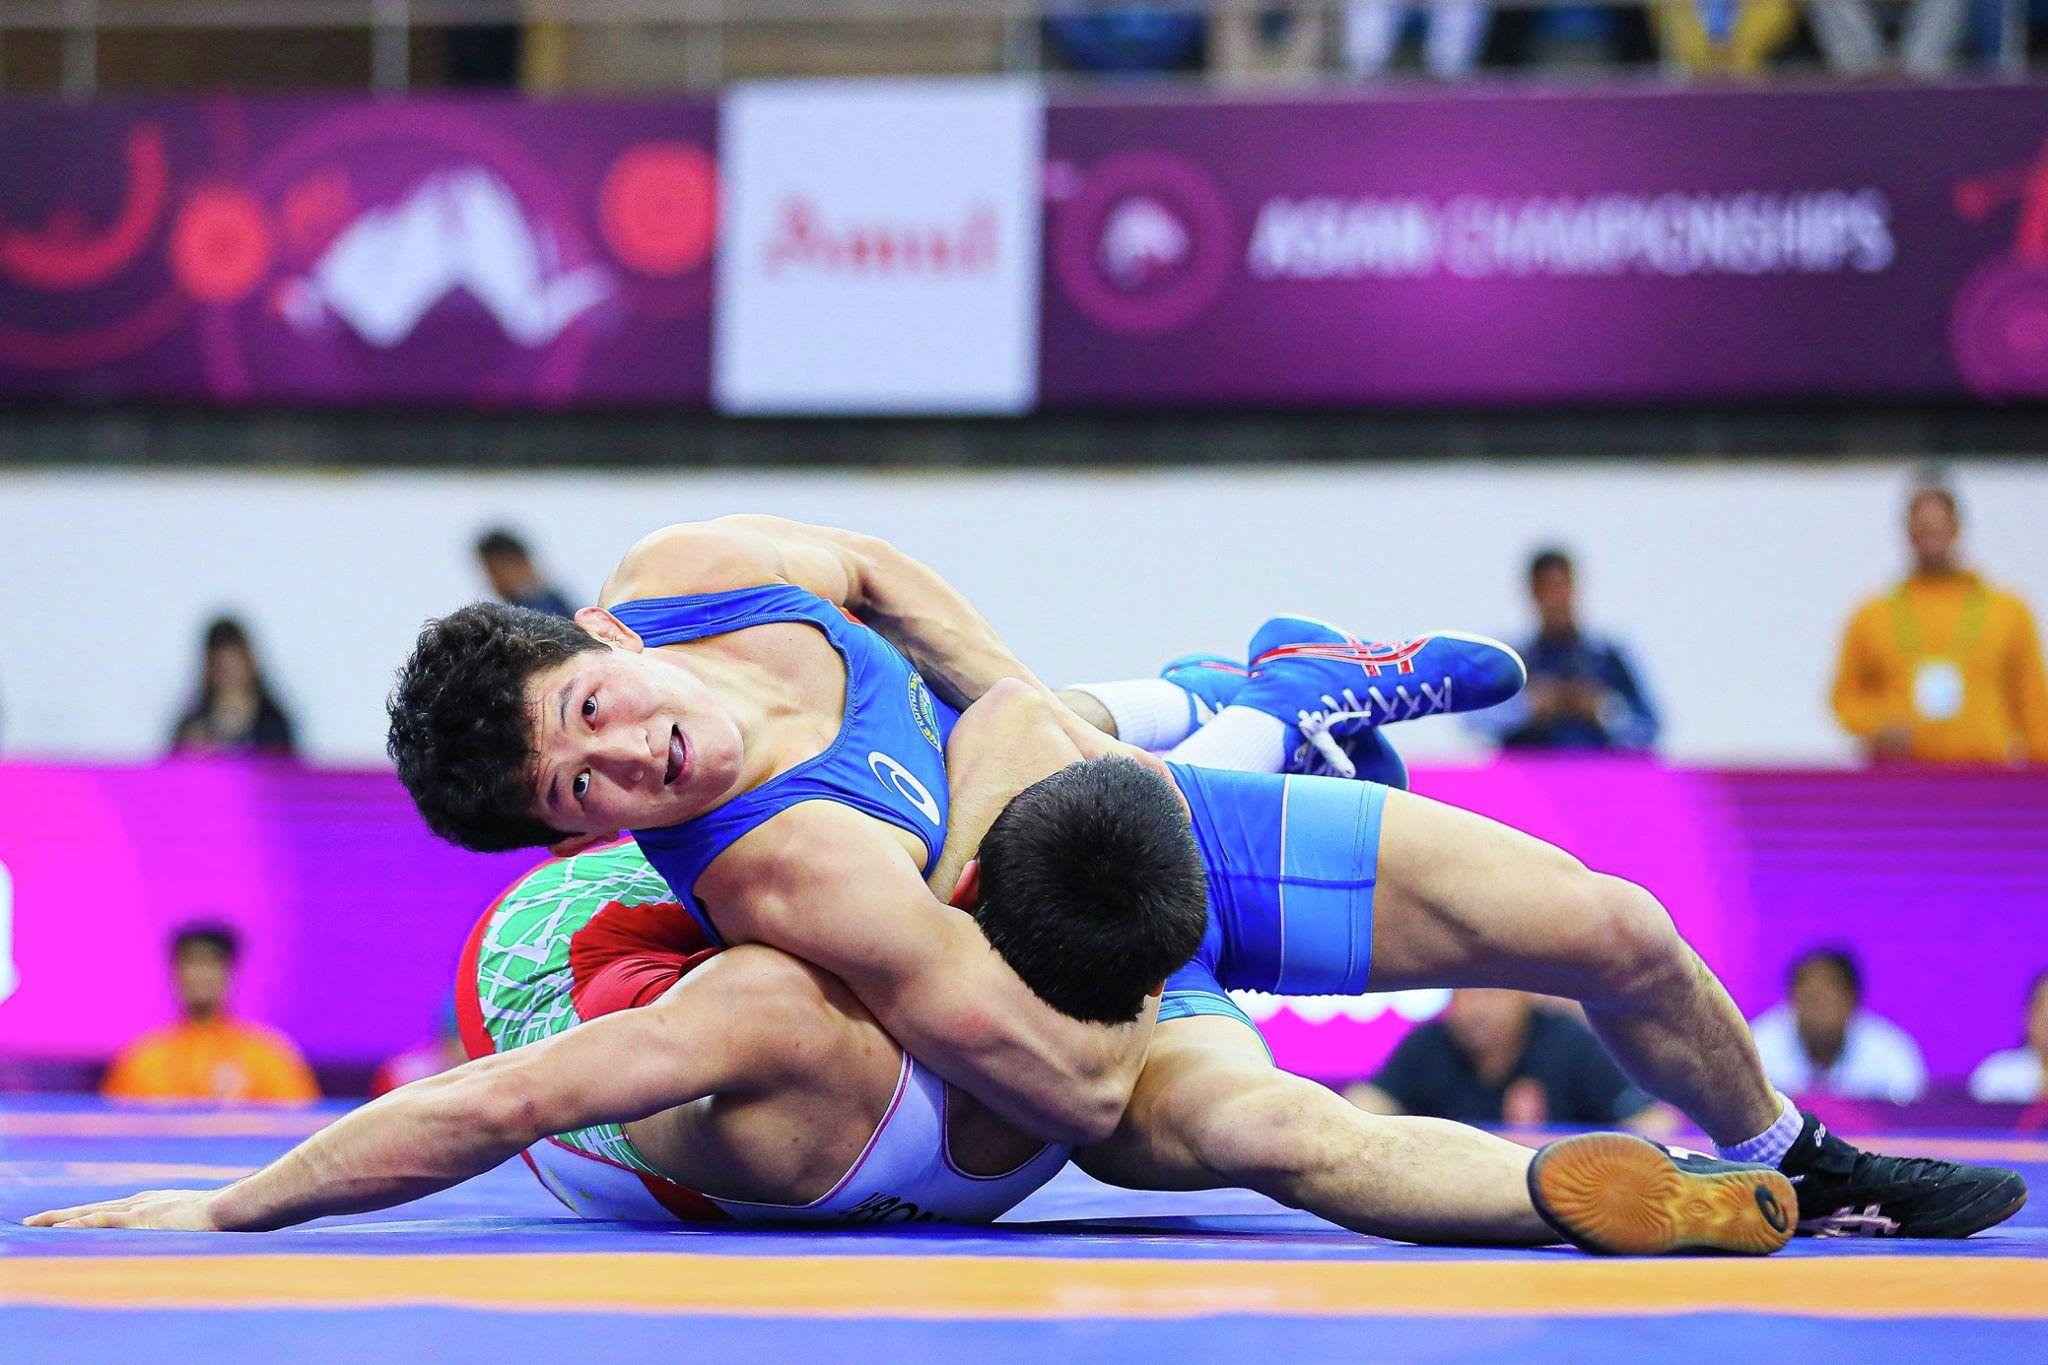 Кыргызстандык балбан Улукбек Жолдошбеков эркин күрөш боюнча Азиянын чемпиону болду, финалда Тажикстандан келген Мухамед Икромовду утуп алды.